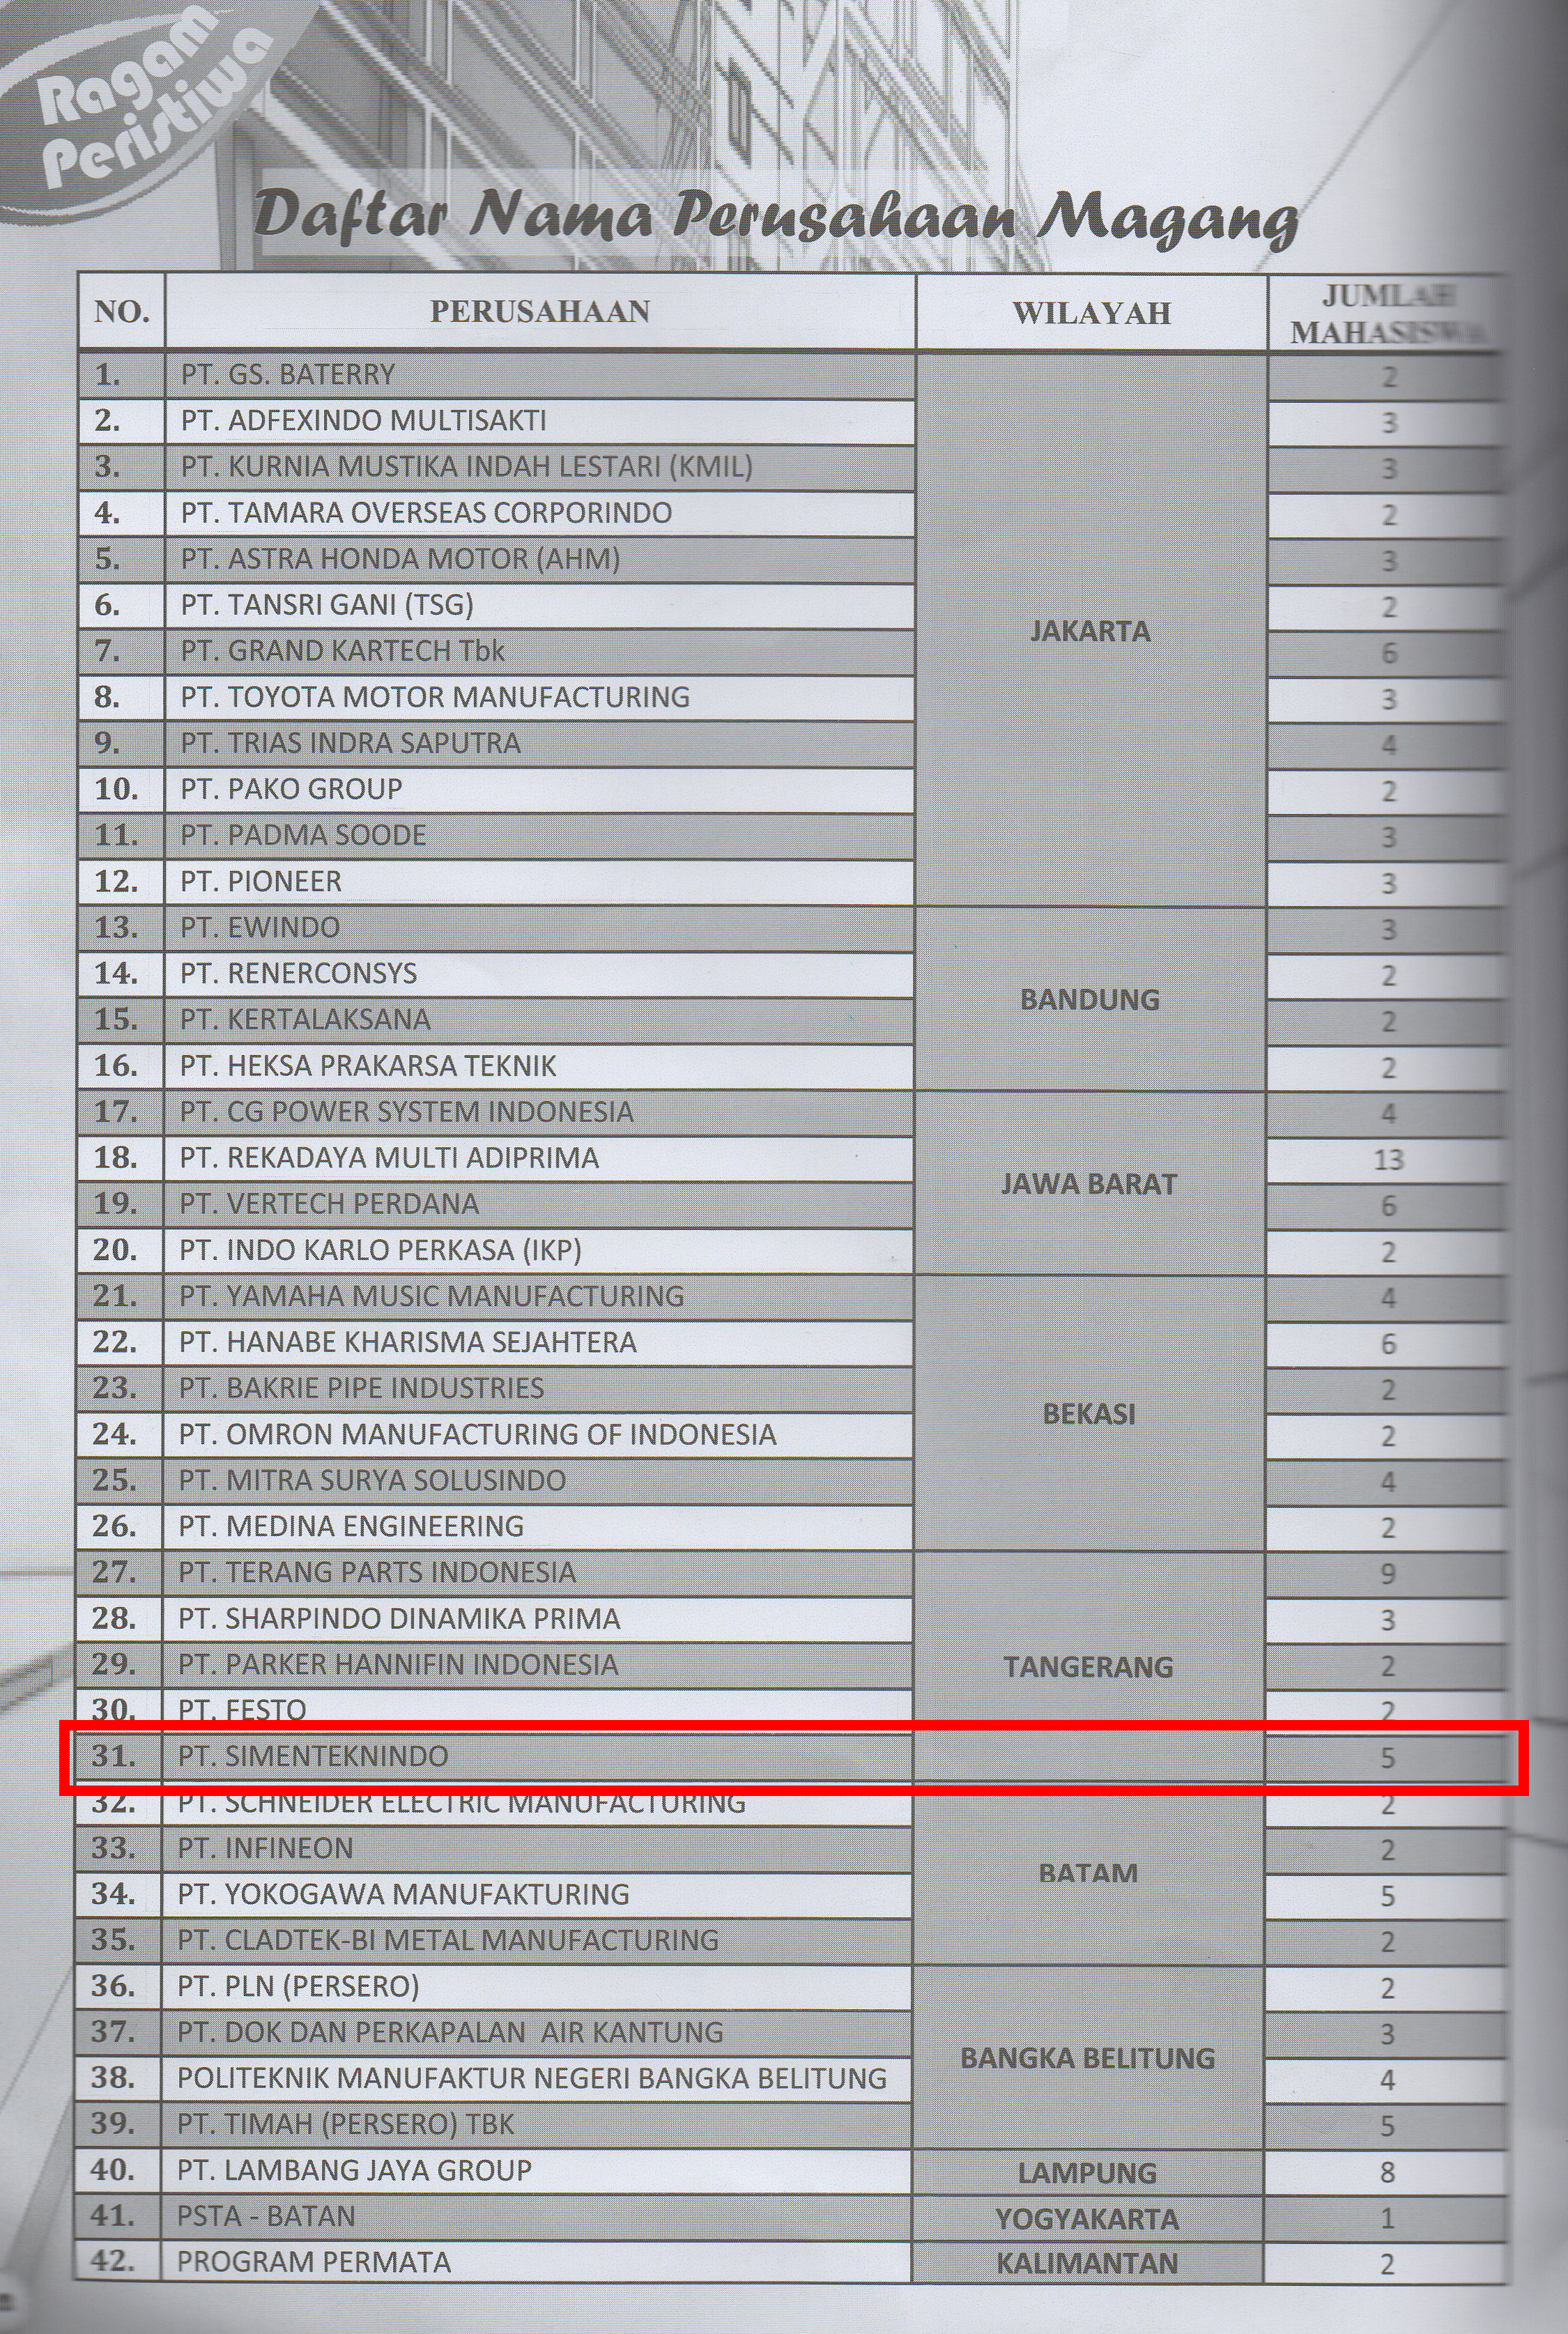 Daftar Nama Perusahaan Magang Versi Buletin Polman Babel